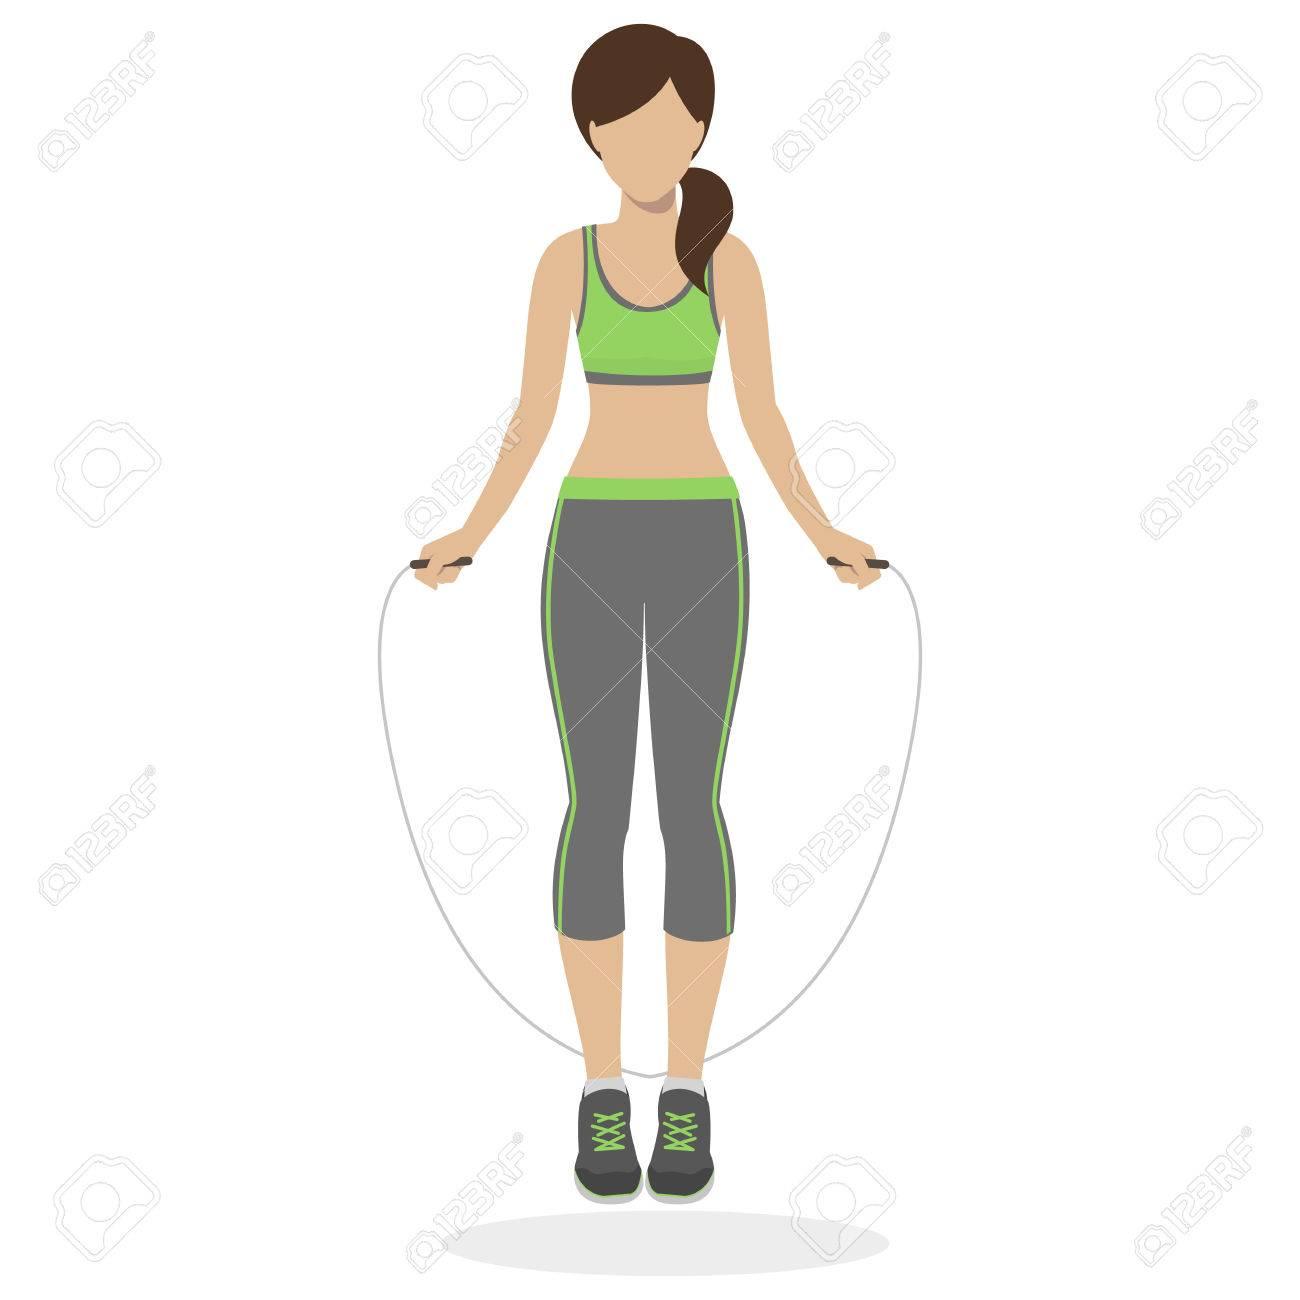 como saltar cuerda para perder peso